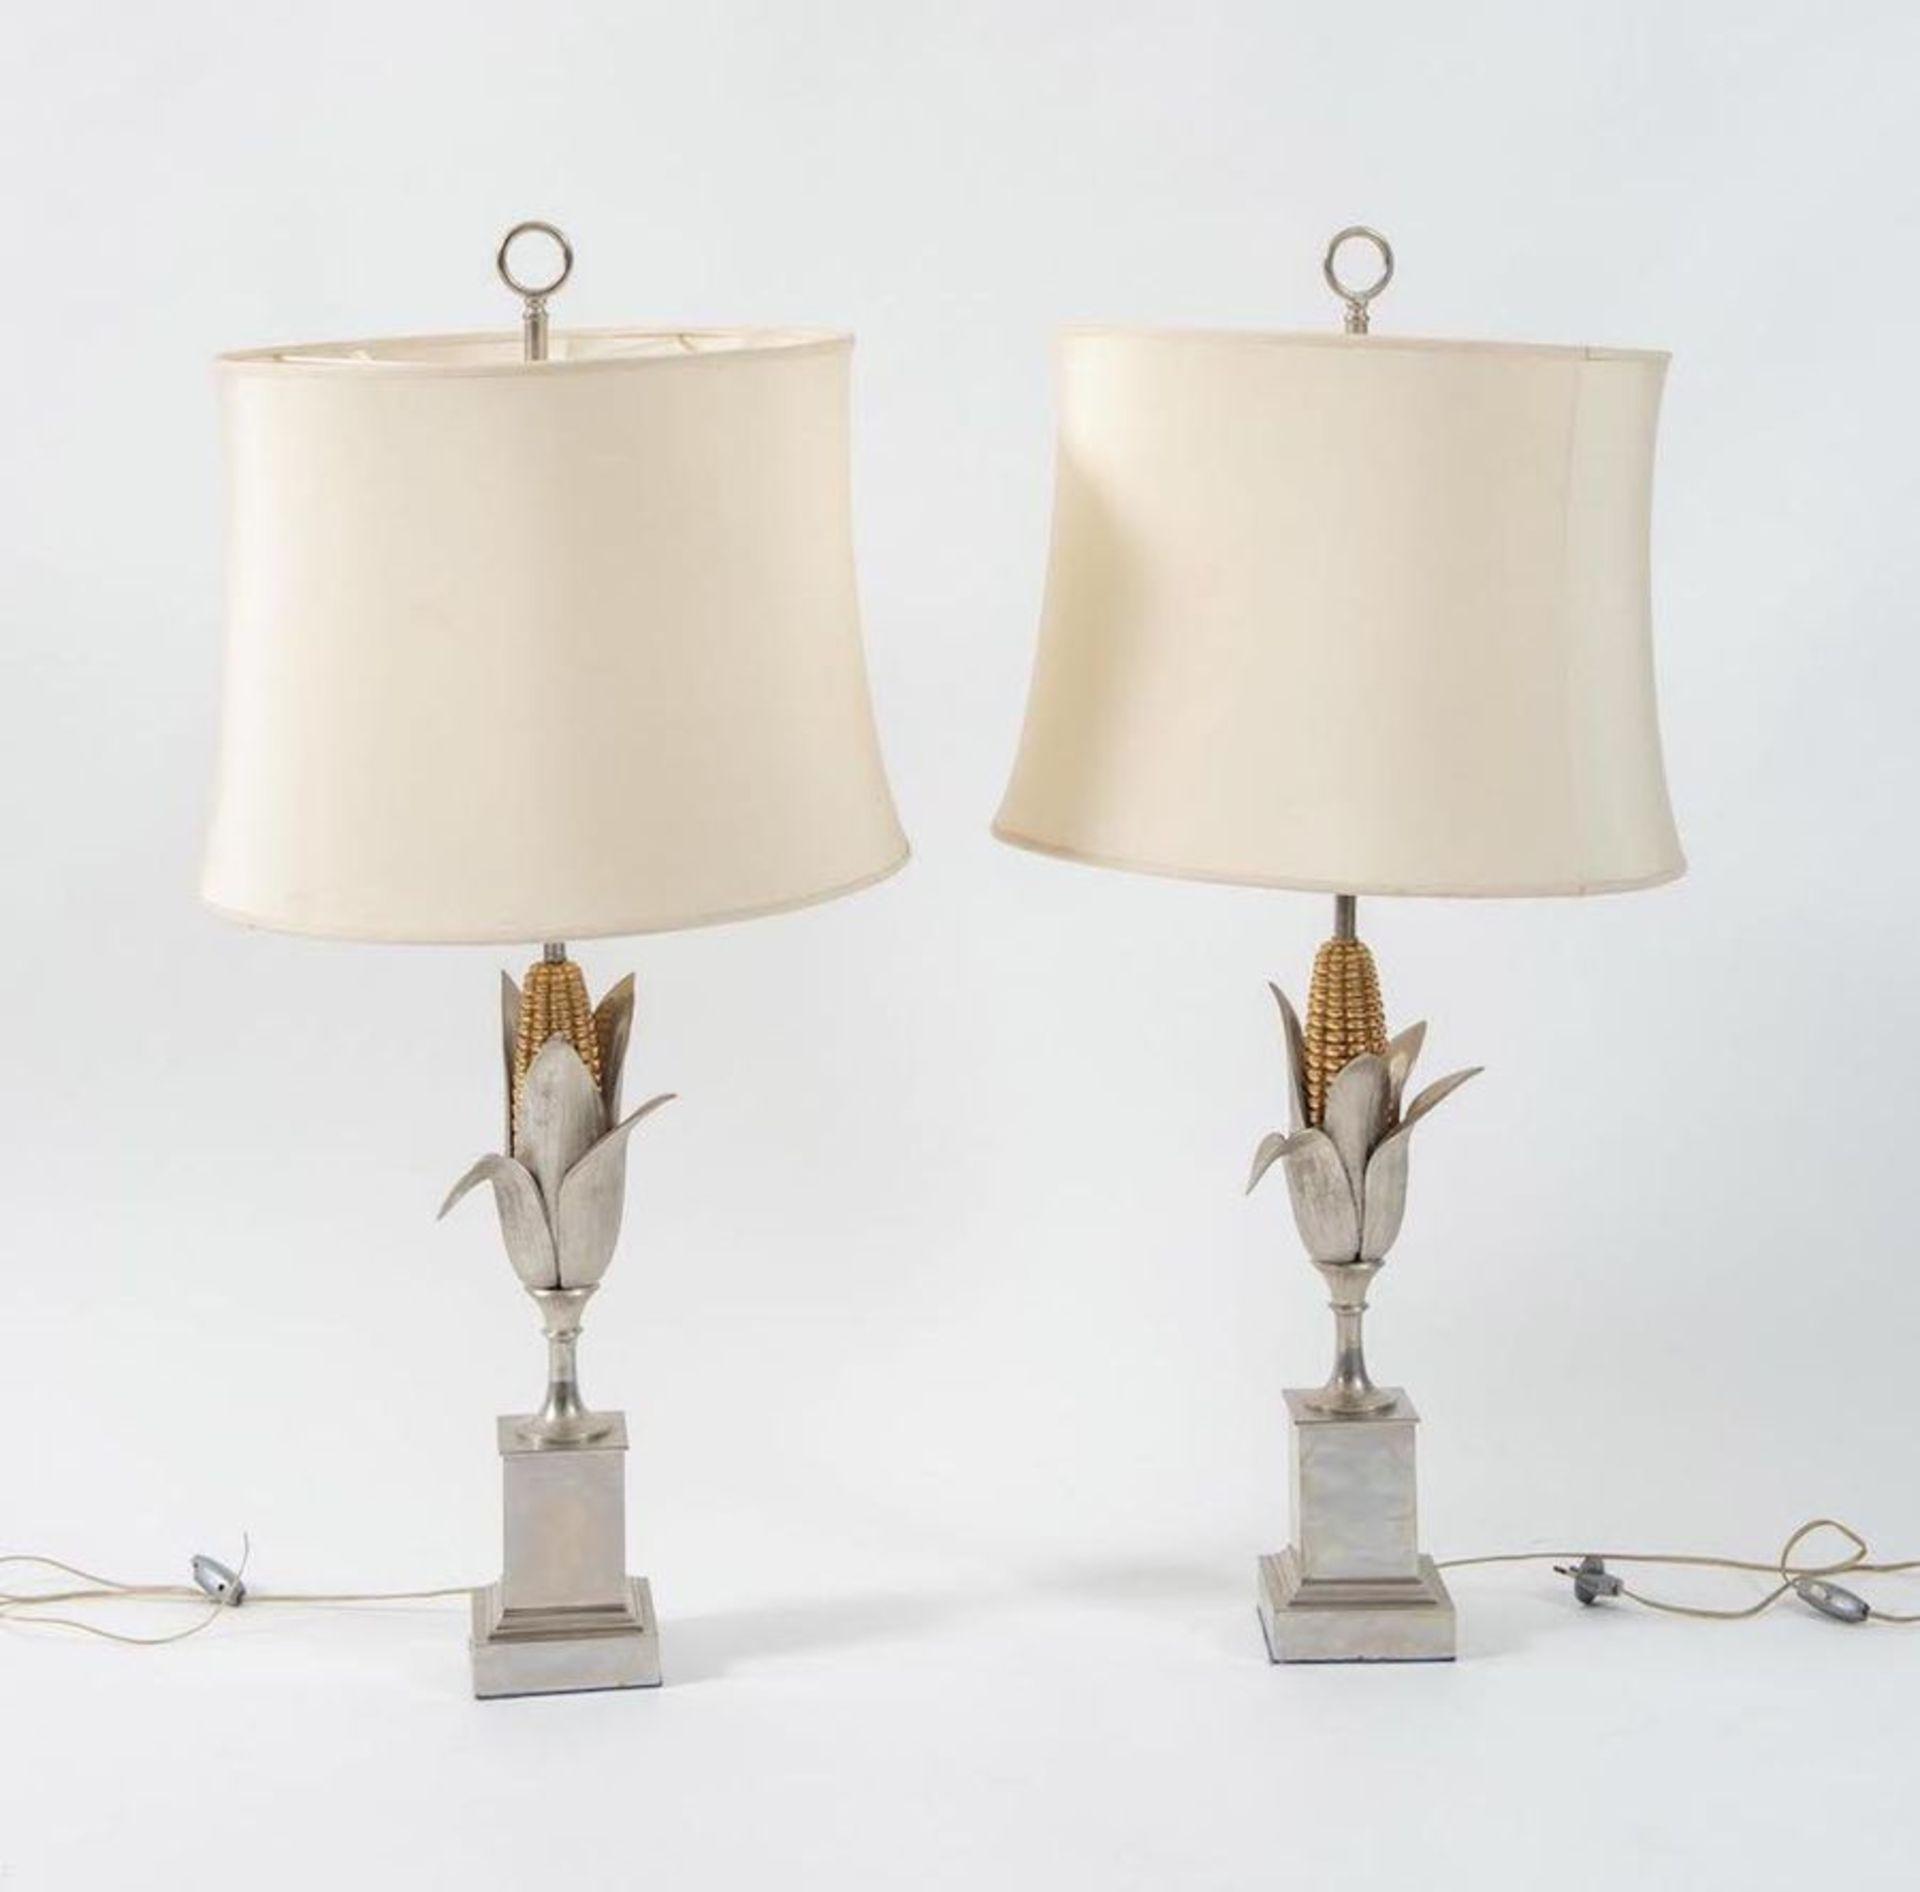 MAISON CHARLES, attr. Coppia di lampade da tavolo in metallo. Prod. Maison Charles Att. ,Francia, 19 - Bild 3 aus 3